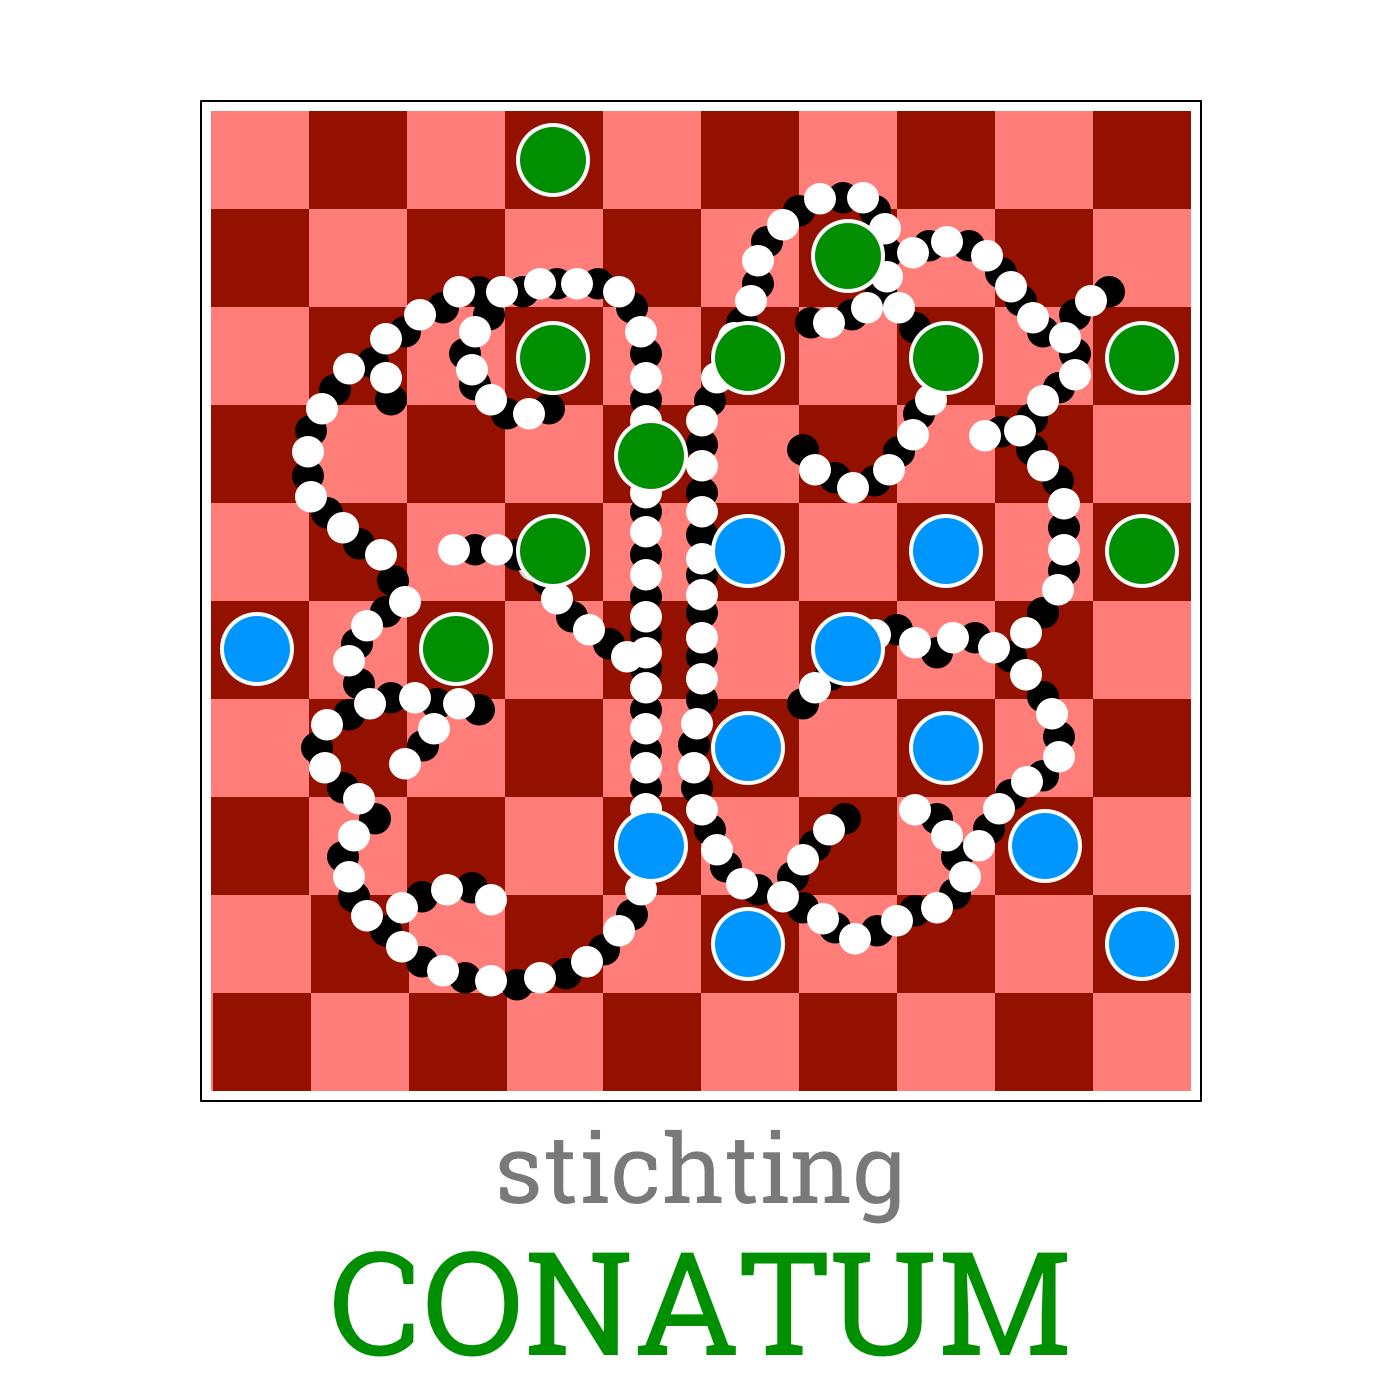 Stichting Conatum